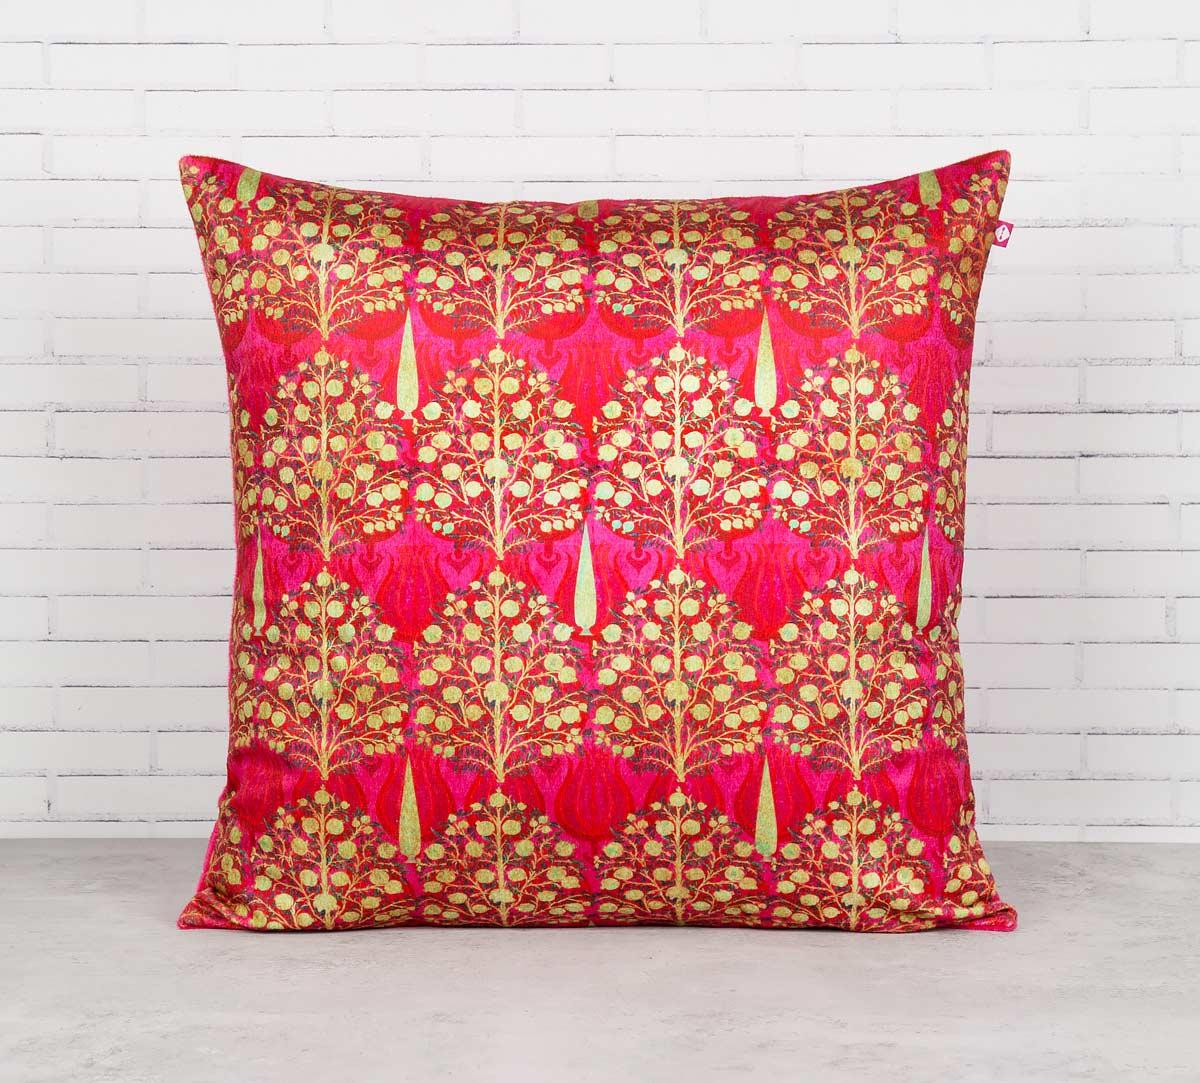 Mystical Pomegranate Blended Velvet Cushion Cover